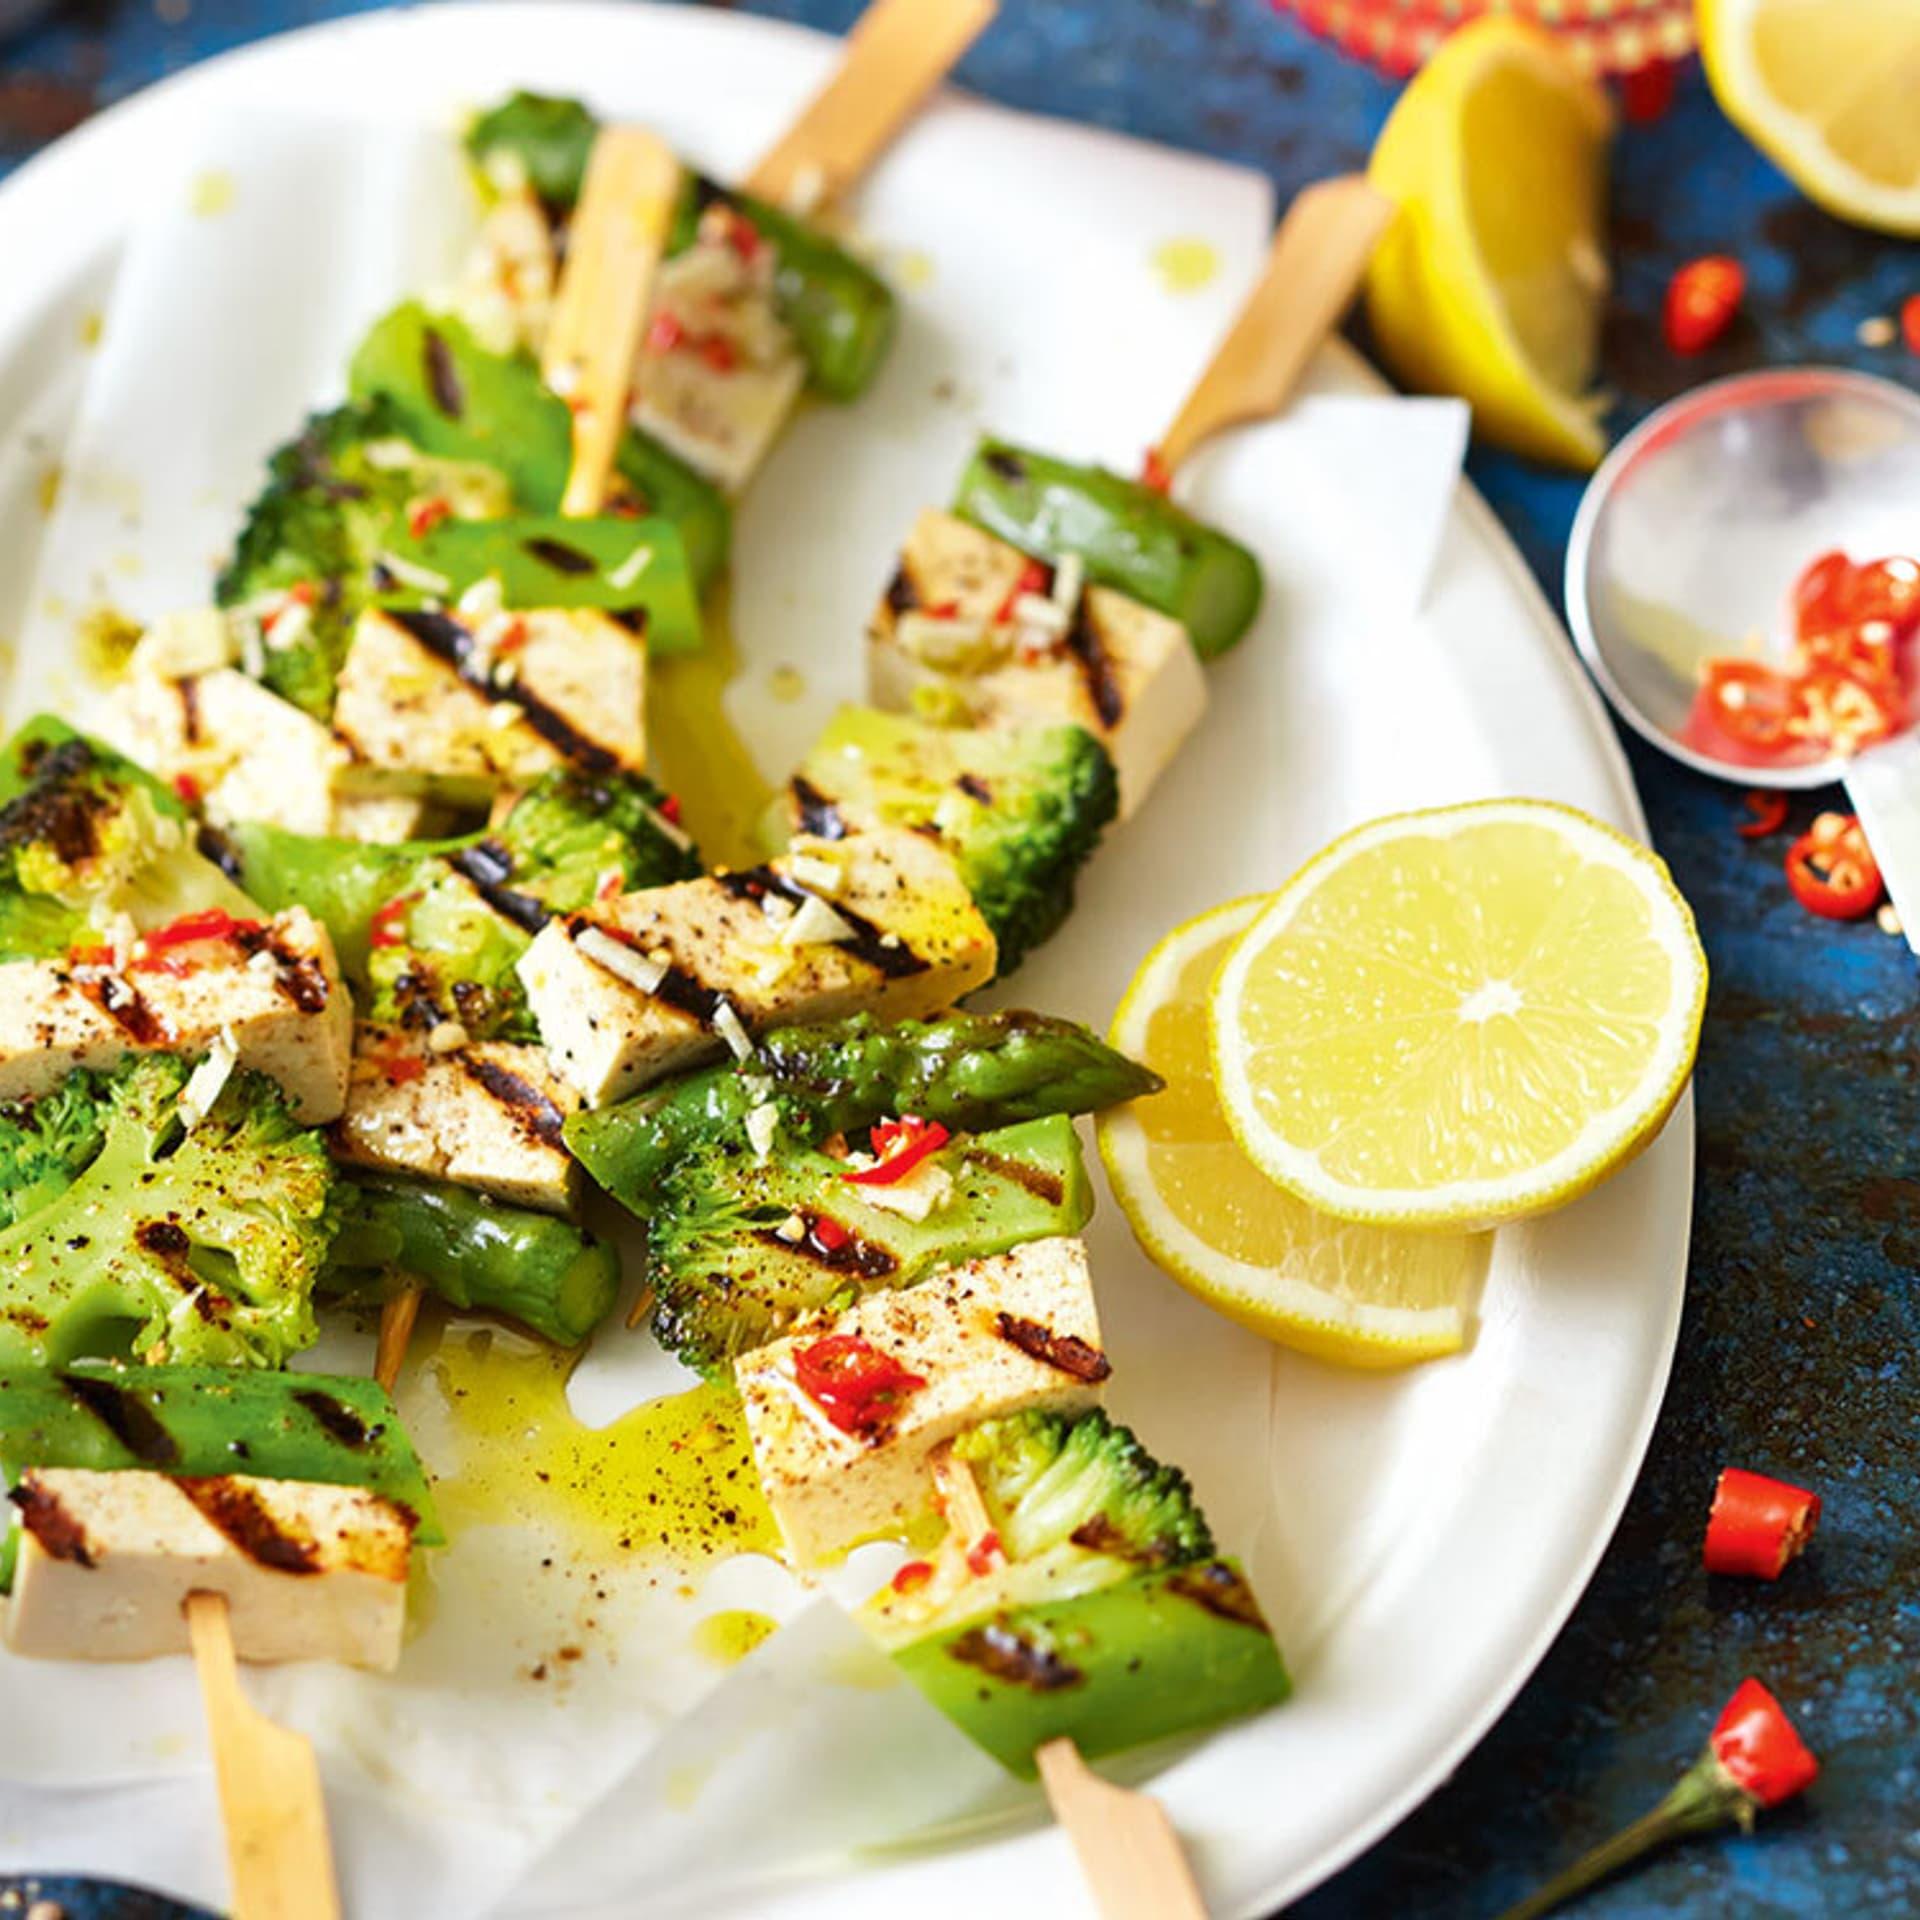 Tofuspiesse mit Spargel und Brokkoli